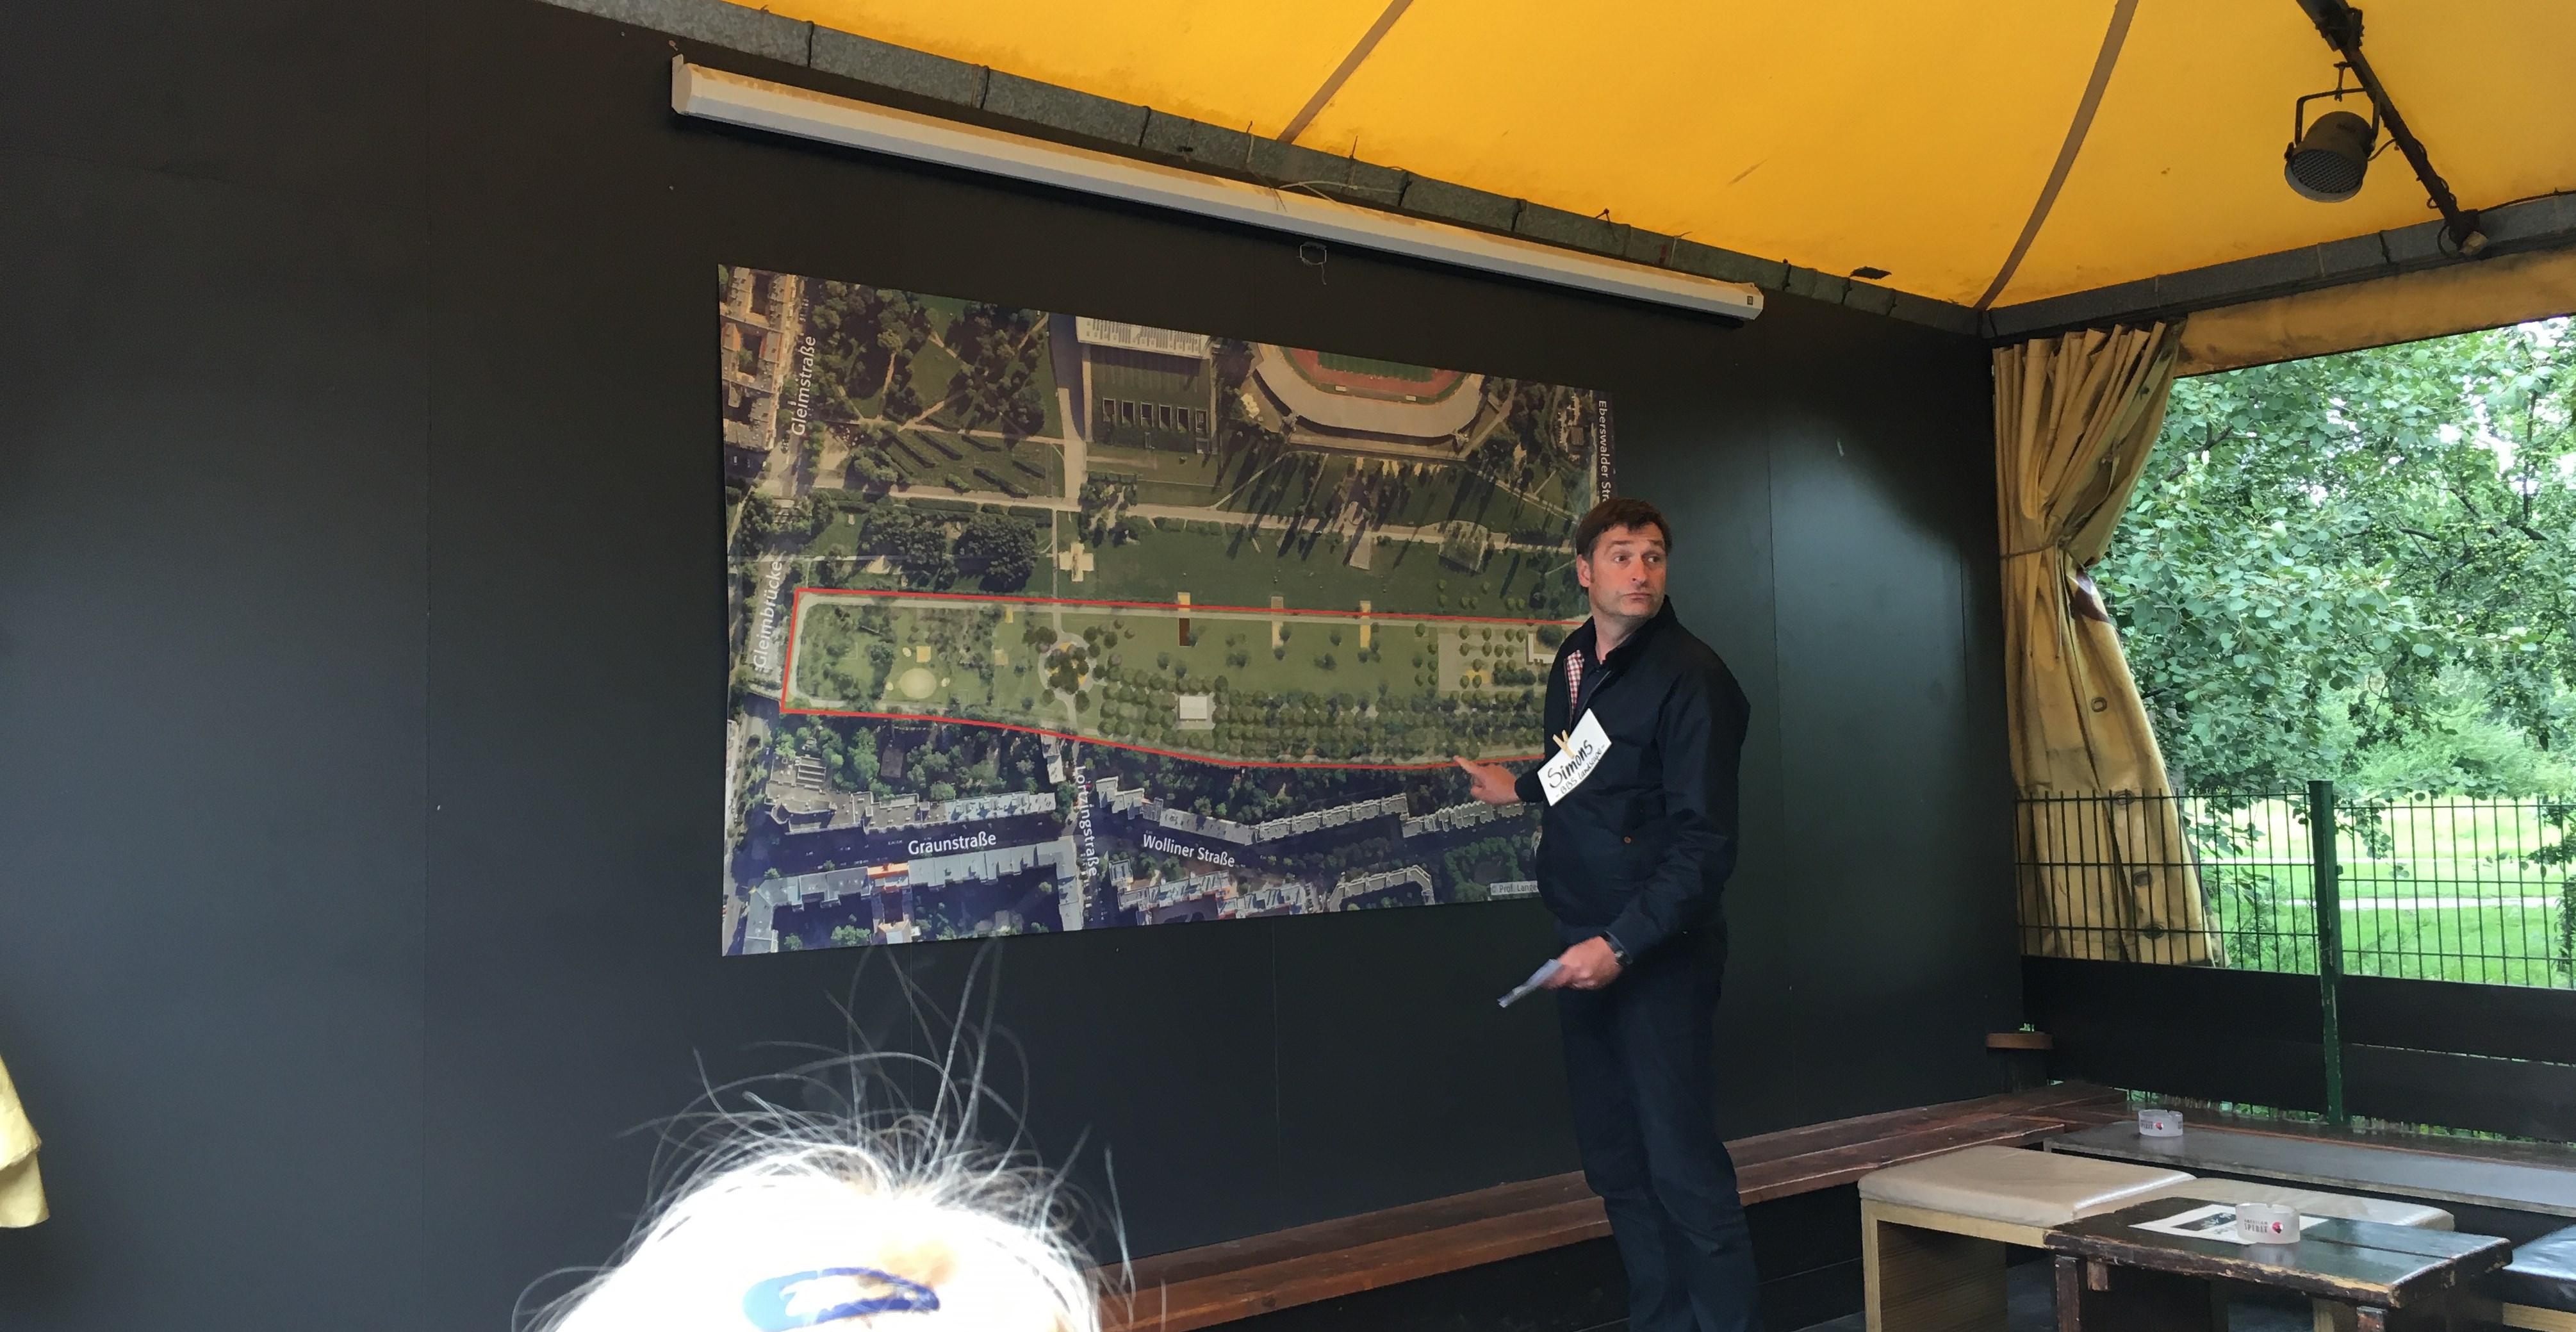 Architekt Paul Simons erklärt den Anwesenden die Visualisierung im Mauersegler-Garten (Foto: Constanze Nauhaus)